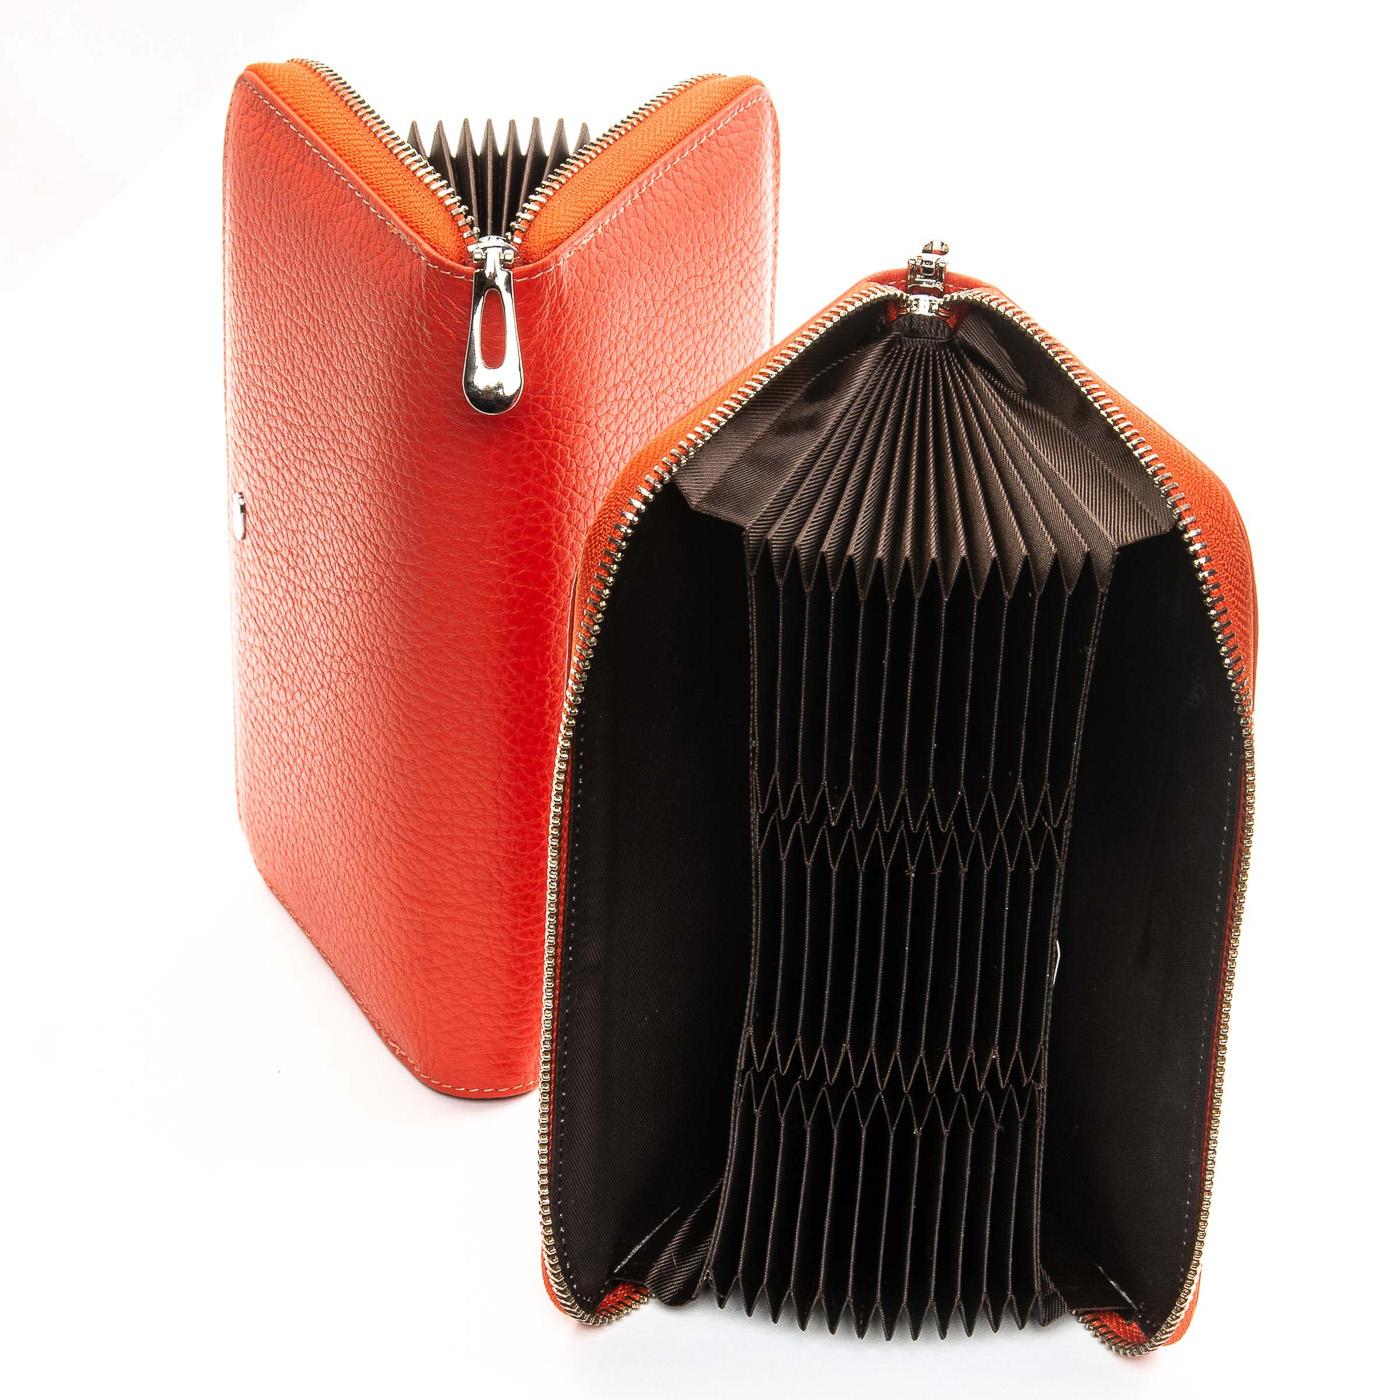 Кошелек Classic кожа DR. BOND WS-8 orange - фото 4